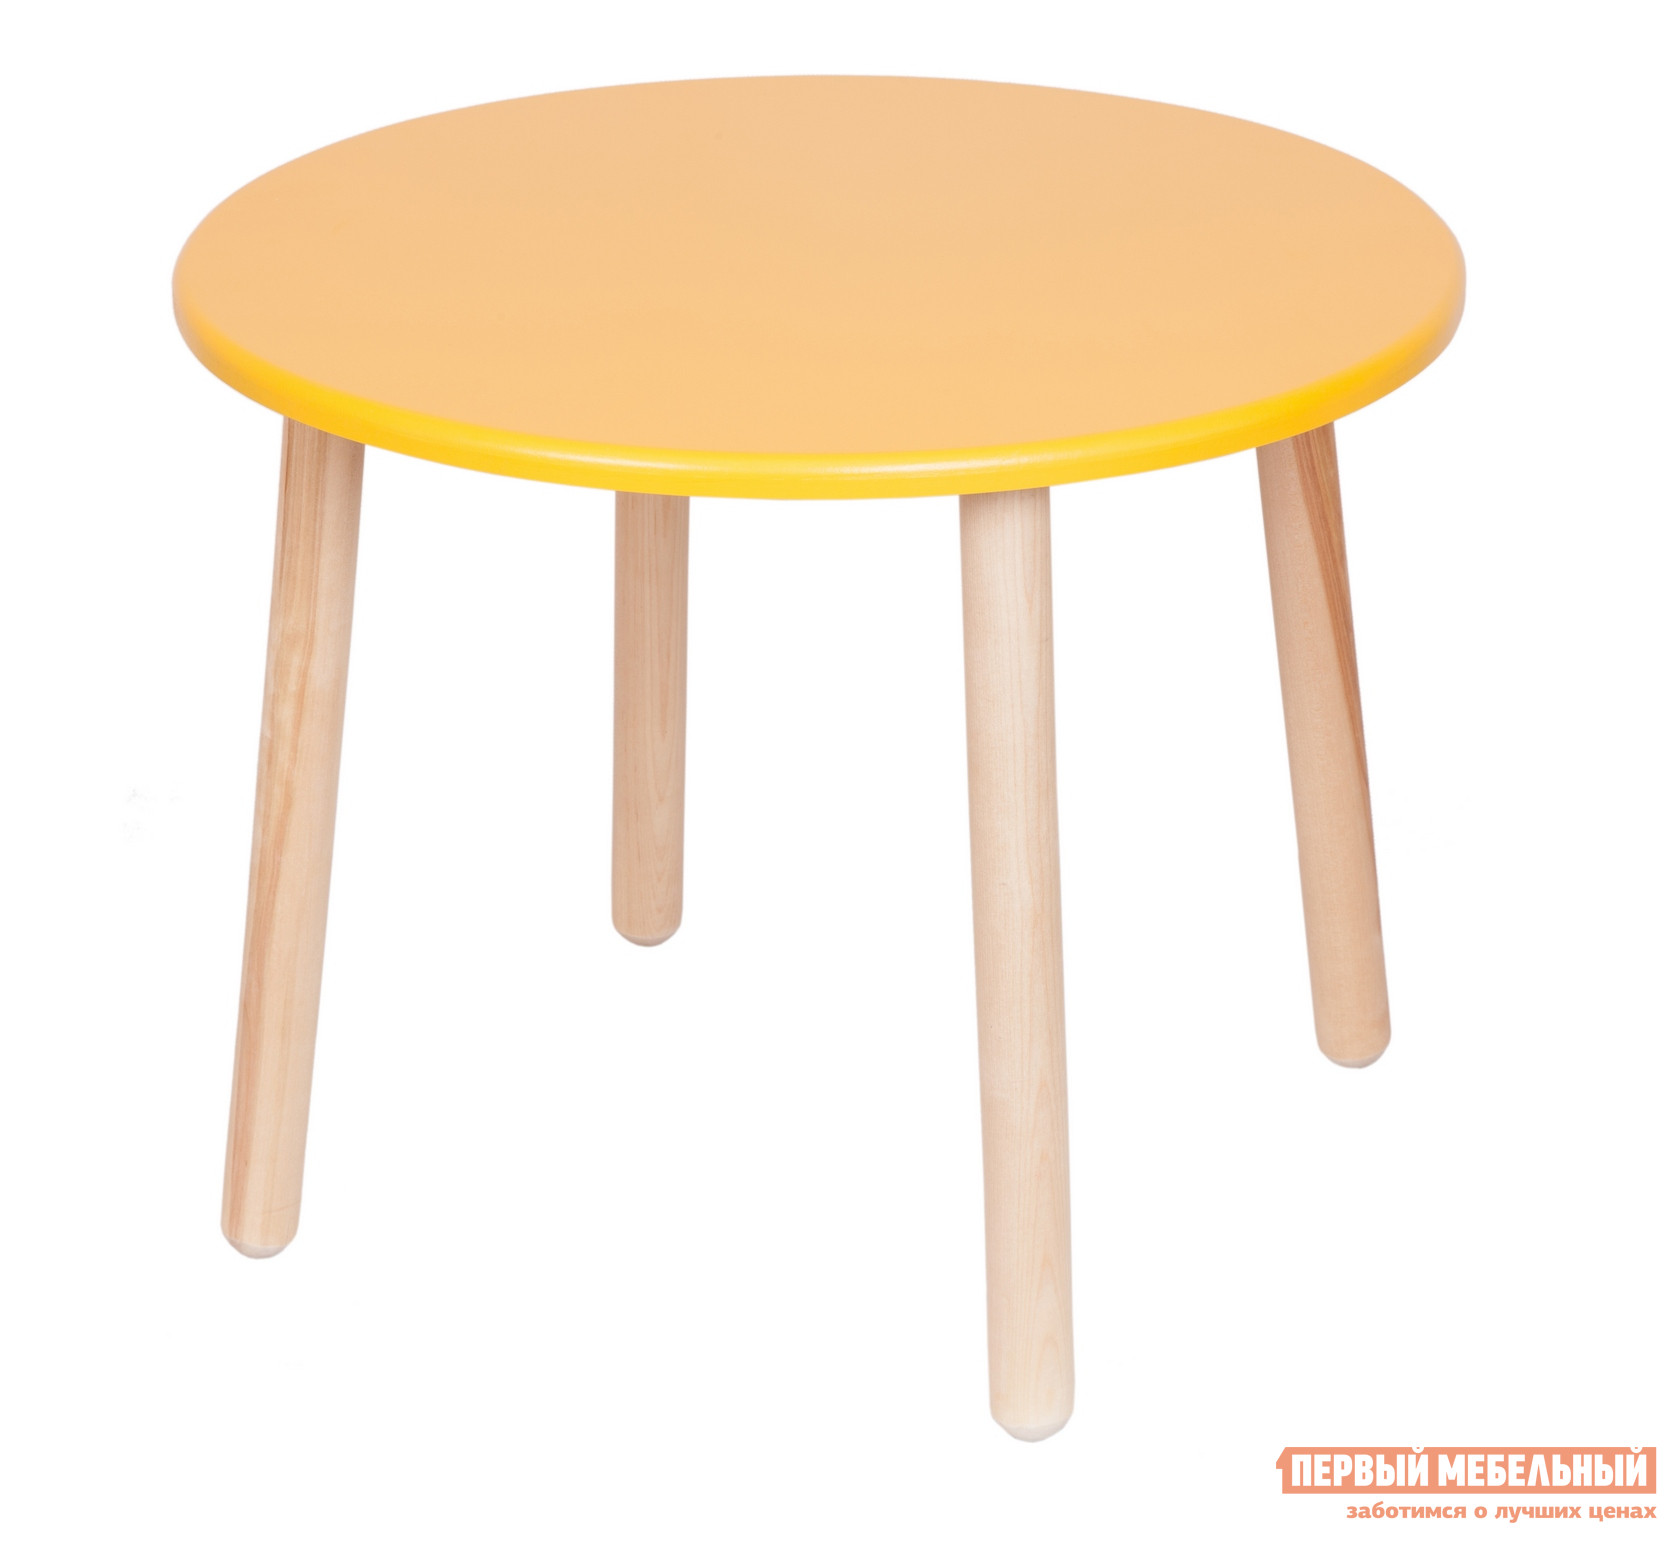 Фото Столик и стульчик РусЭкоМебель Стол Круглый Д60 ЭКО Эко желтый. Купить с доставкой